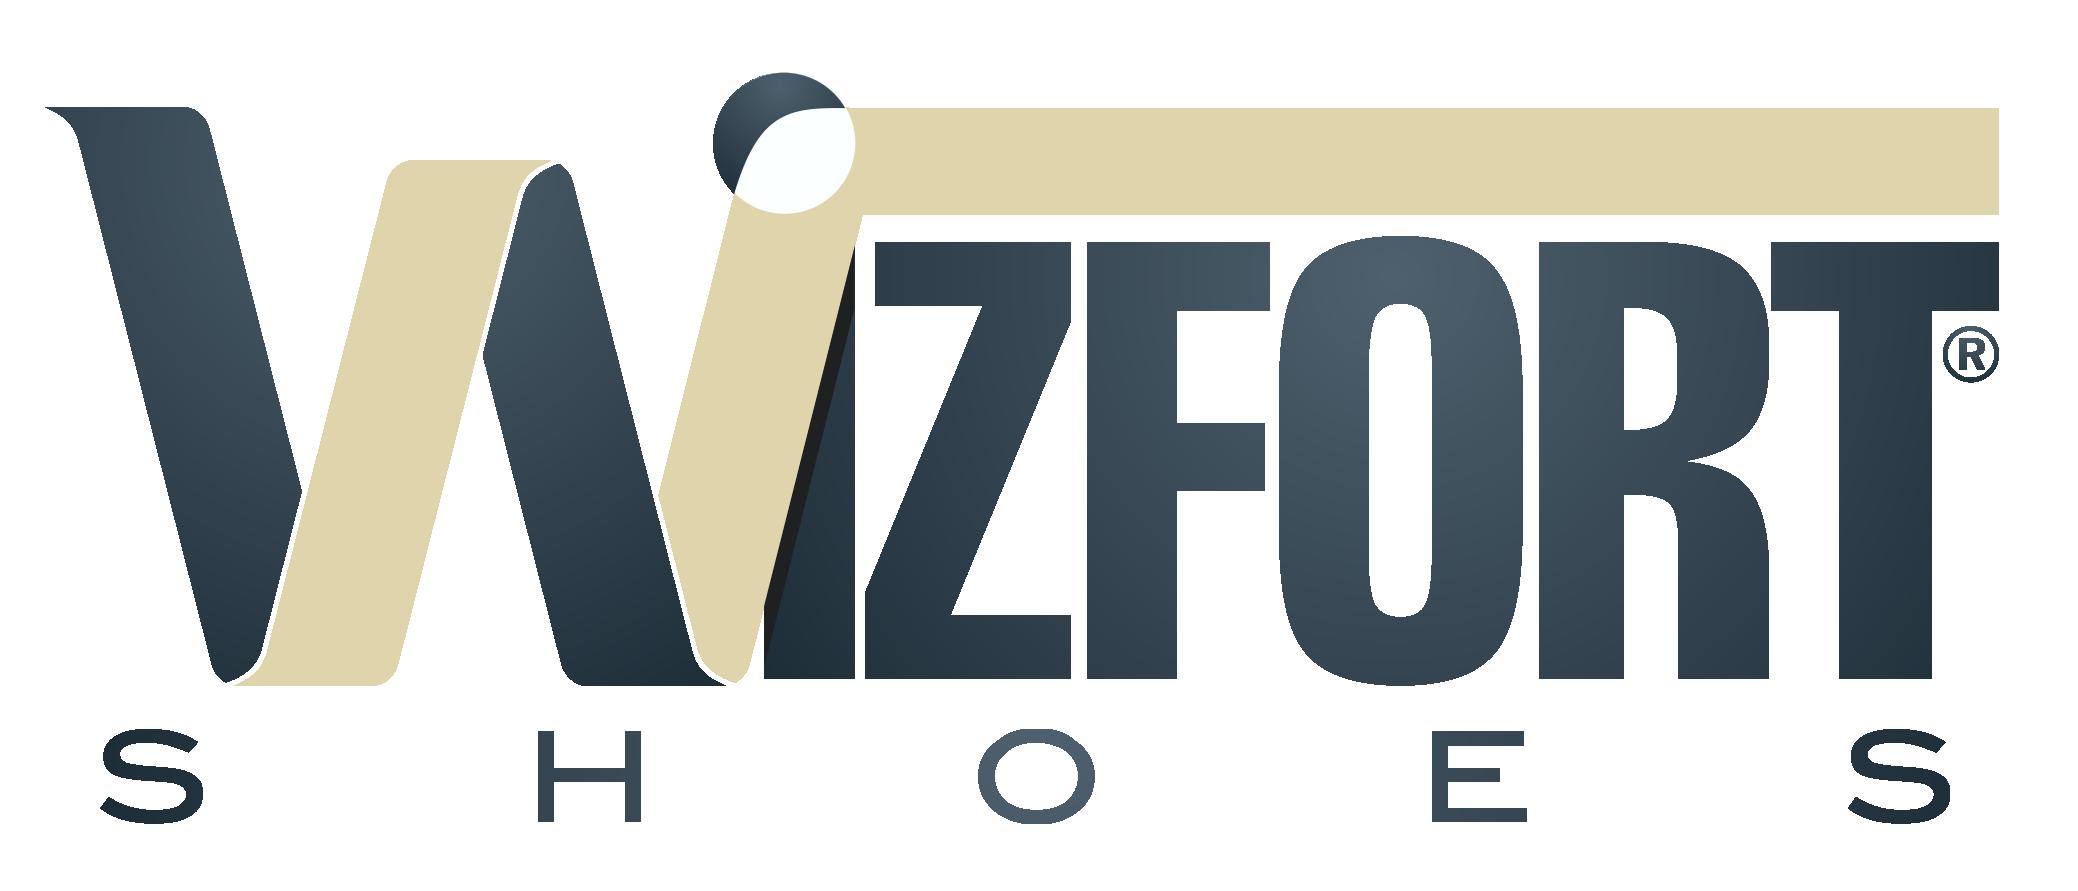 Wizfort